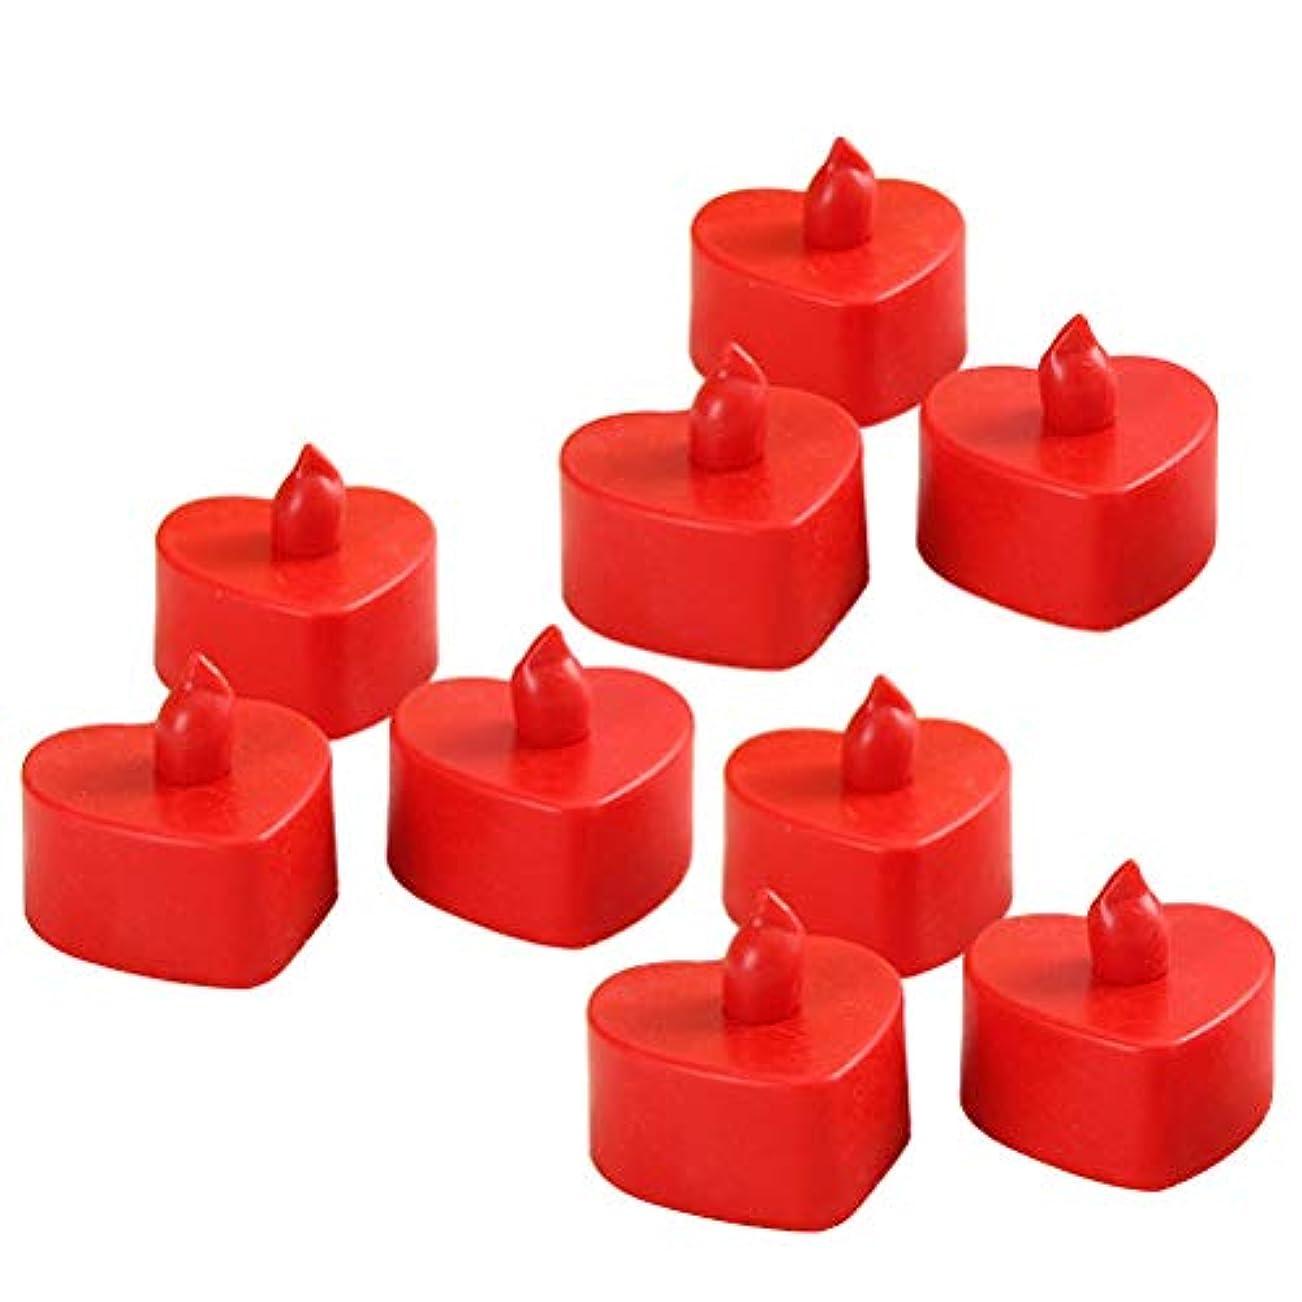 ペネロペ柱出口BESTOYARD 10個無炎キャンドルバッテリーは、キャンドルウェディングパーティフェスティバルの装飾(赤いシェルの赤い光)